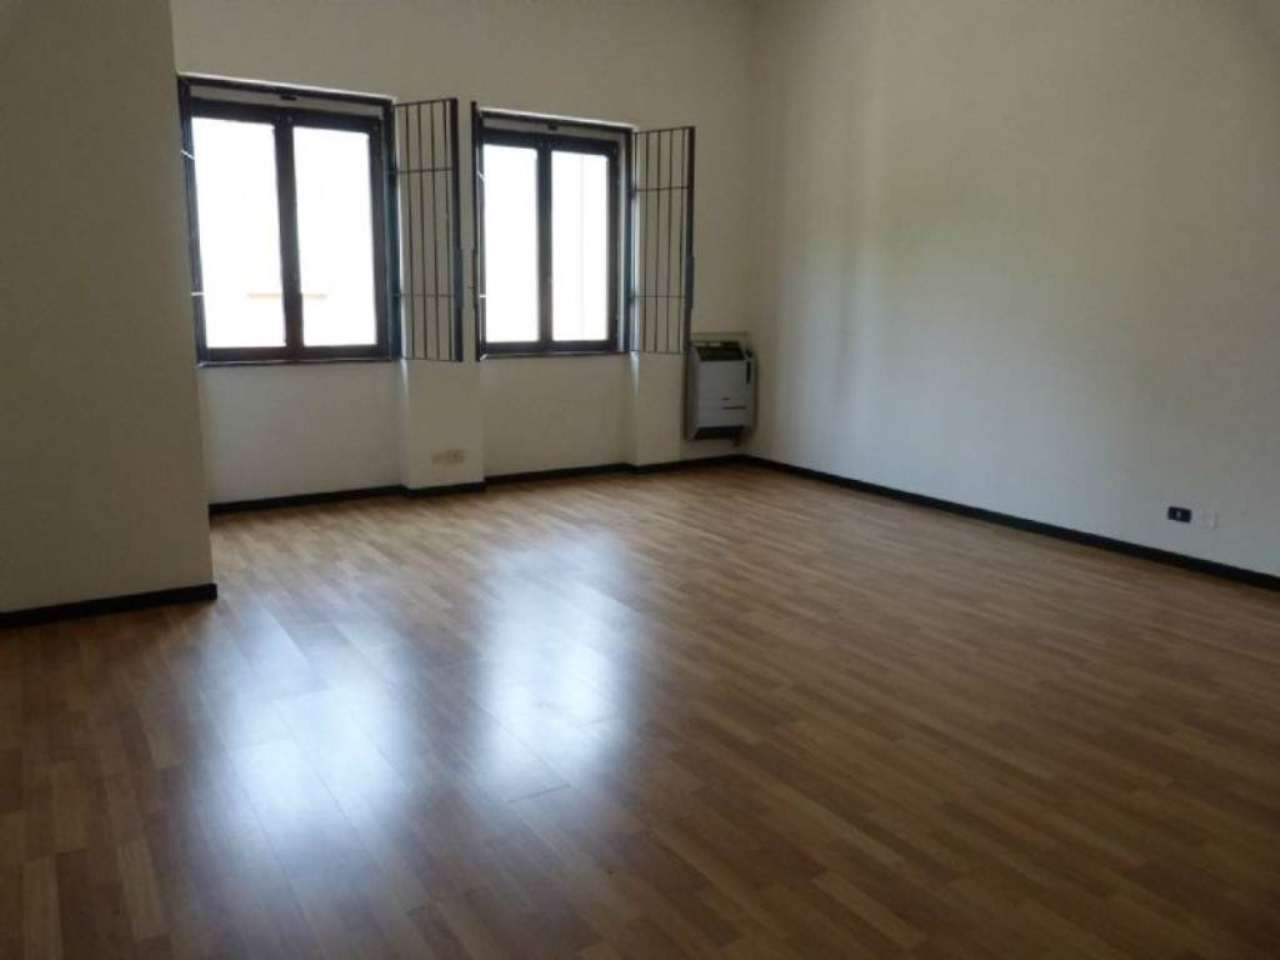 Ufficio / Studio in affitto a Cassina Rizzardi, 2 locali, prezzo € 750 | Cambio Casa.it